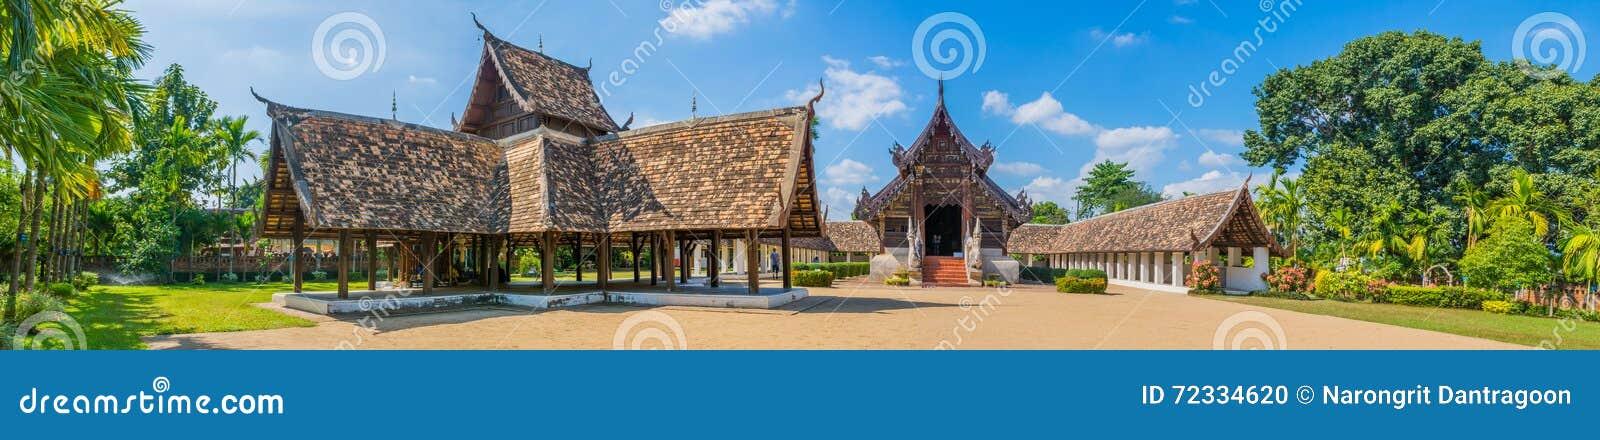 Panorama van Wat Ton Kain, in Chiang Mai Thailand wordt geschoten dat